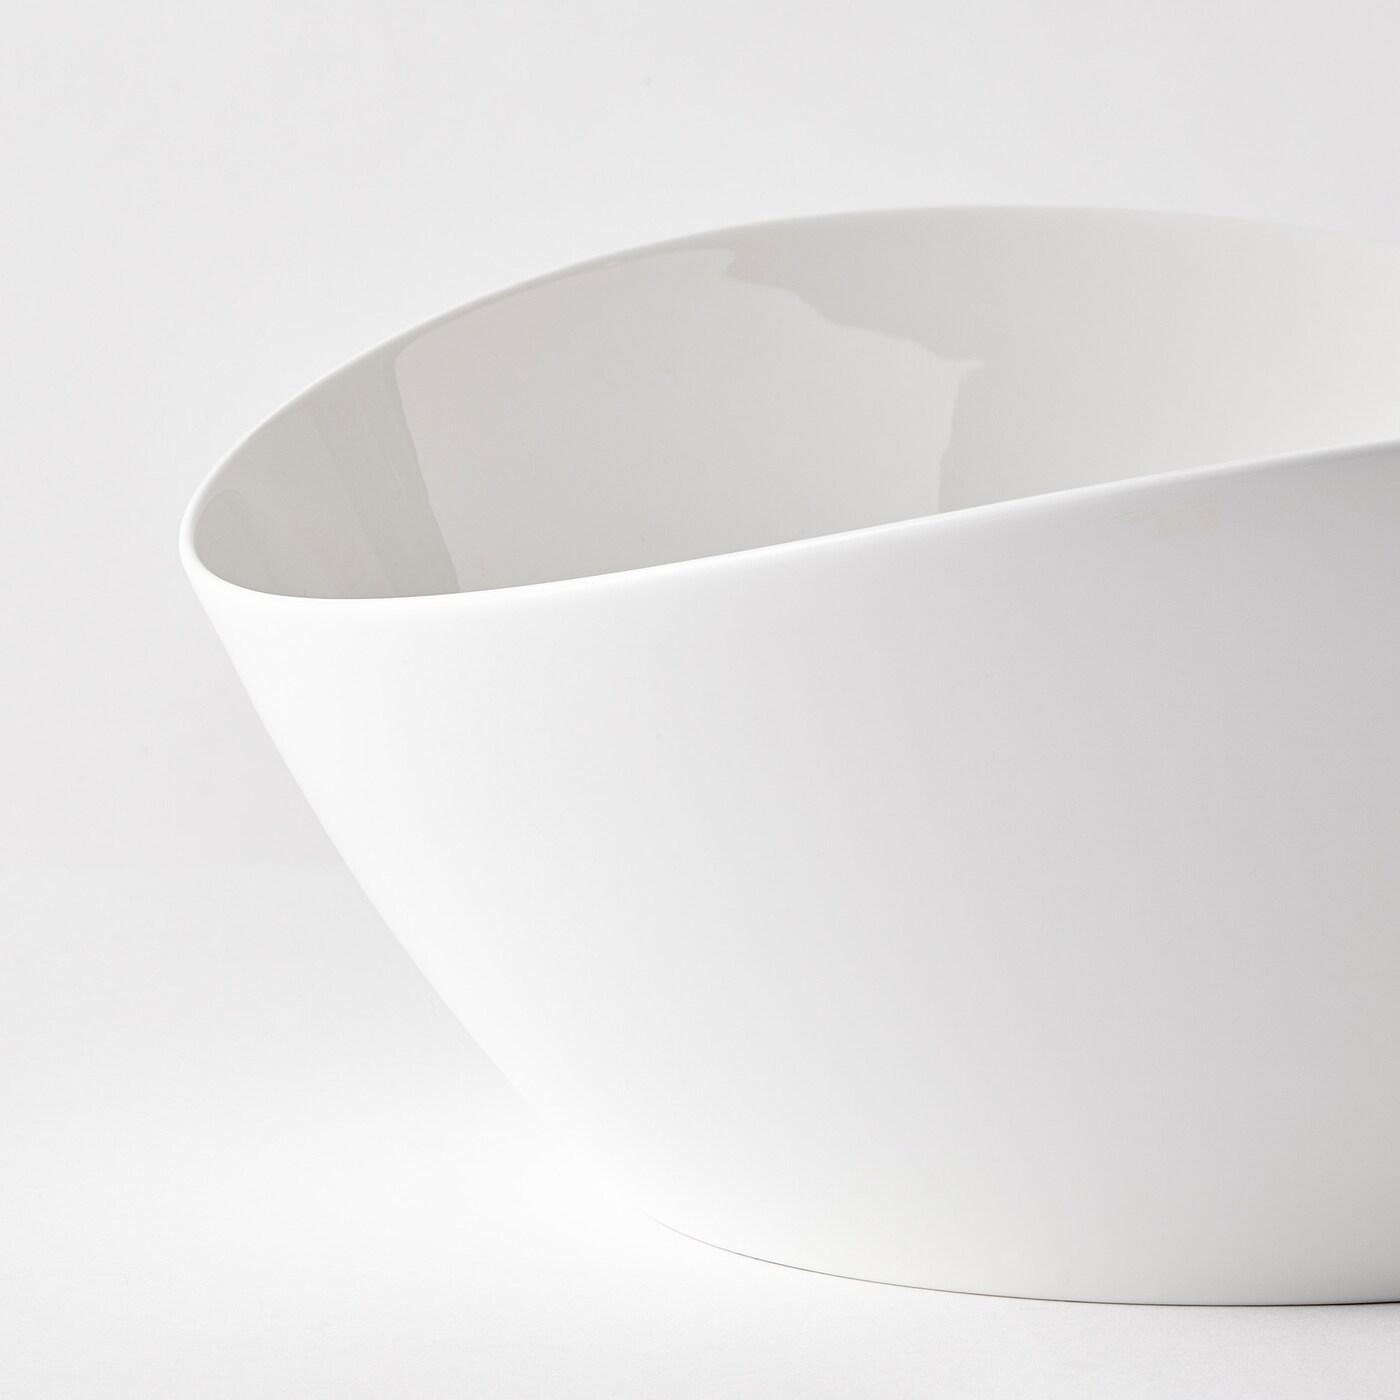 SKYN Zdjela za posluživanje, bijela, 31 cm